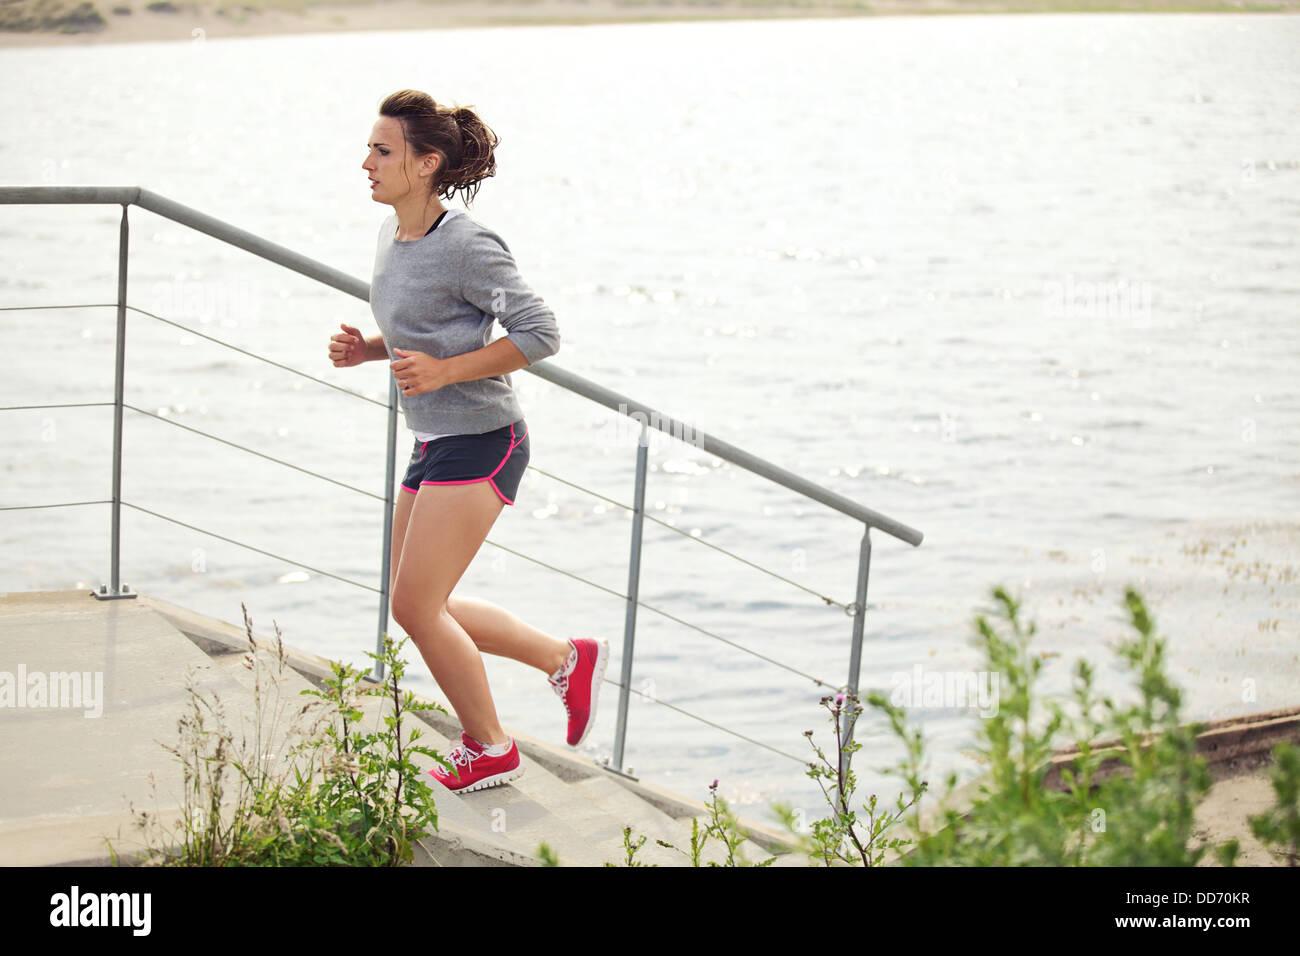 Joven atleta femenina haciendo ejecutando como capacitación y entrenamiento Imagen De Stock